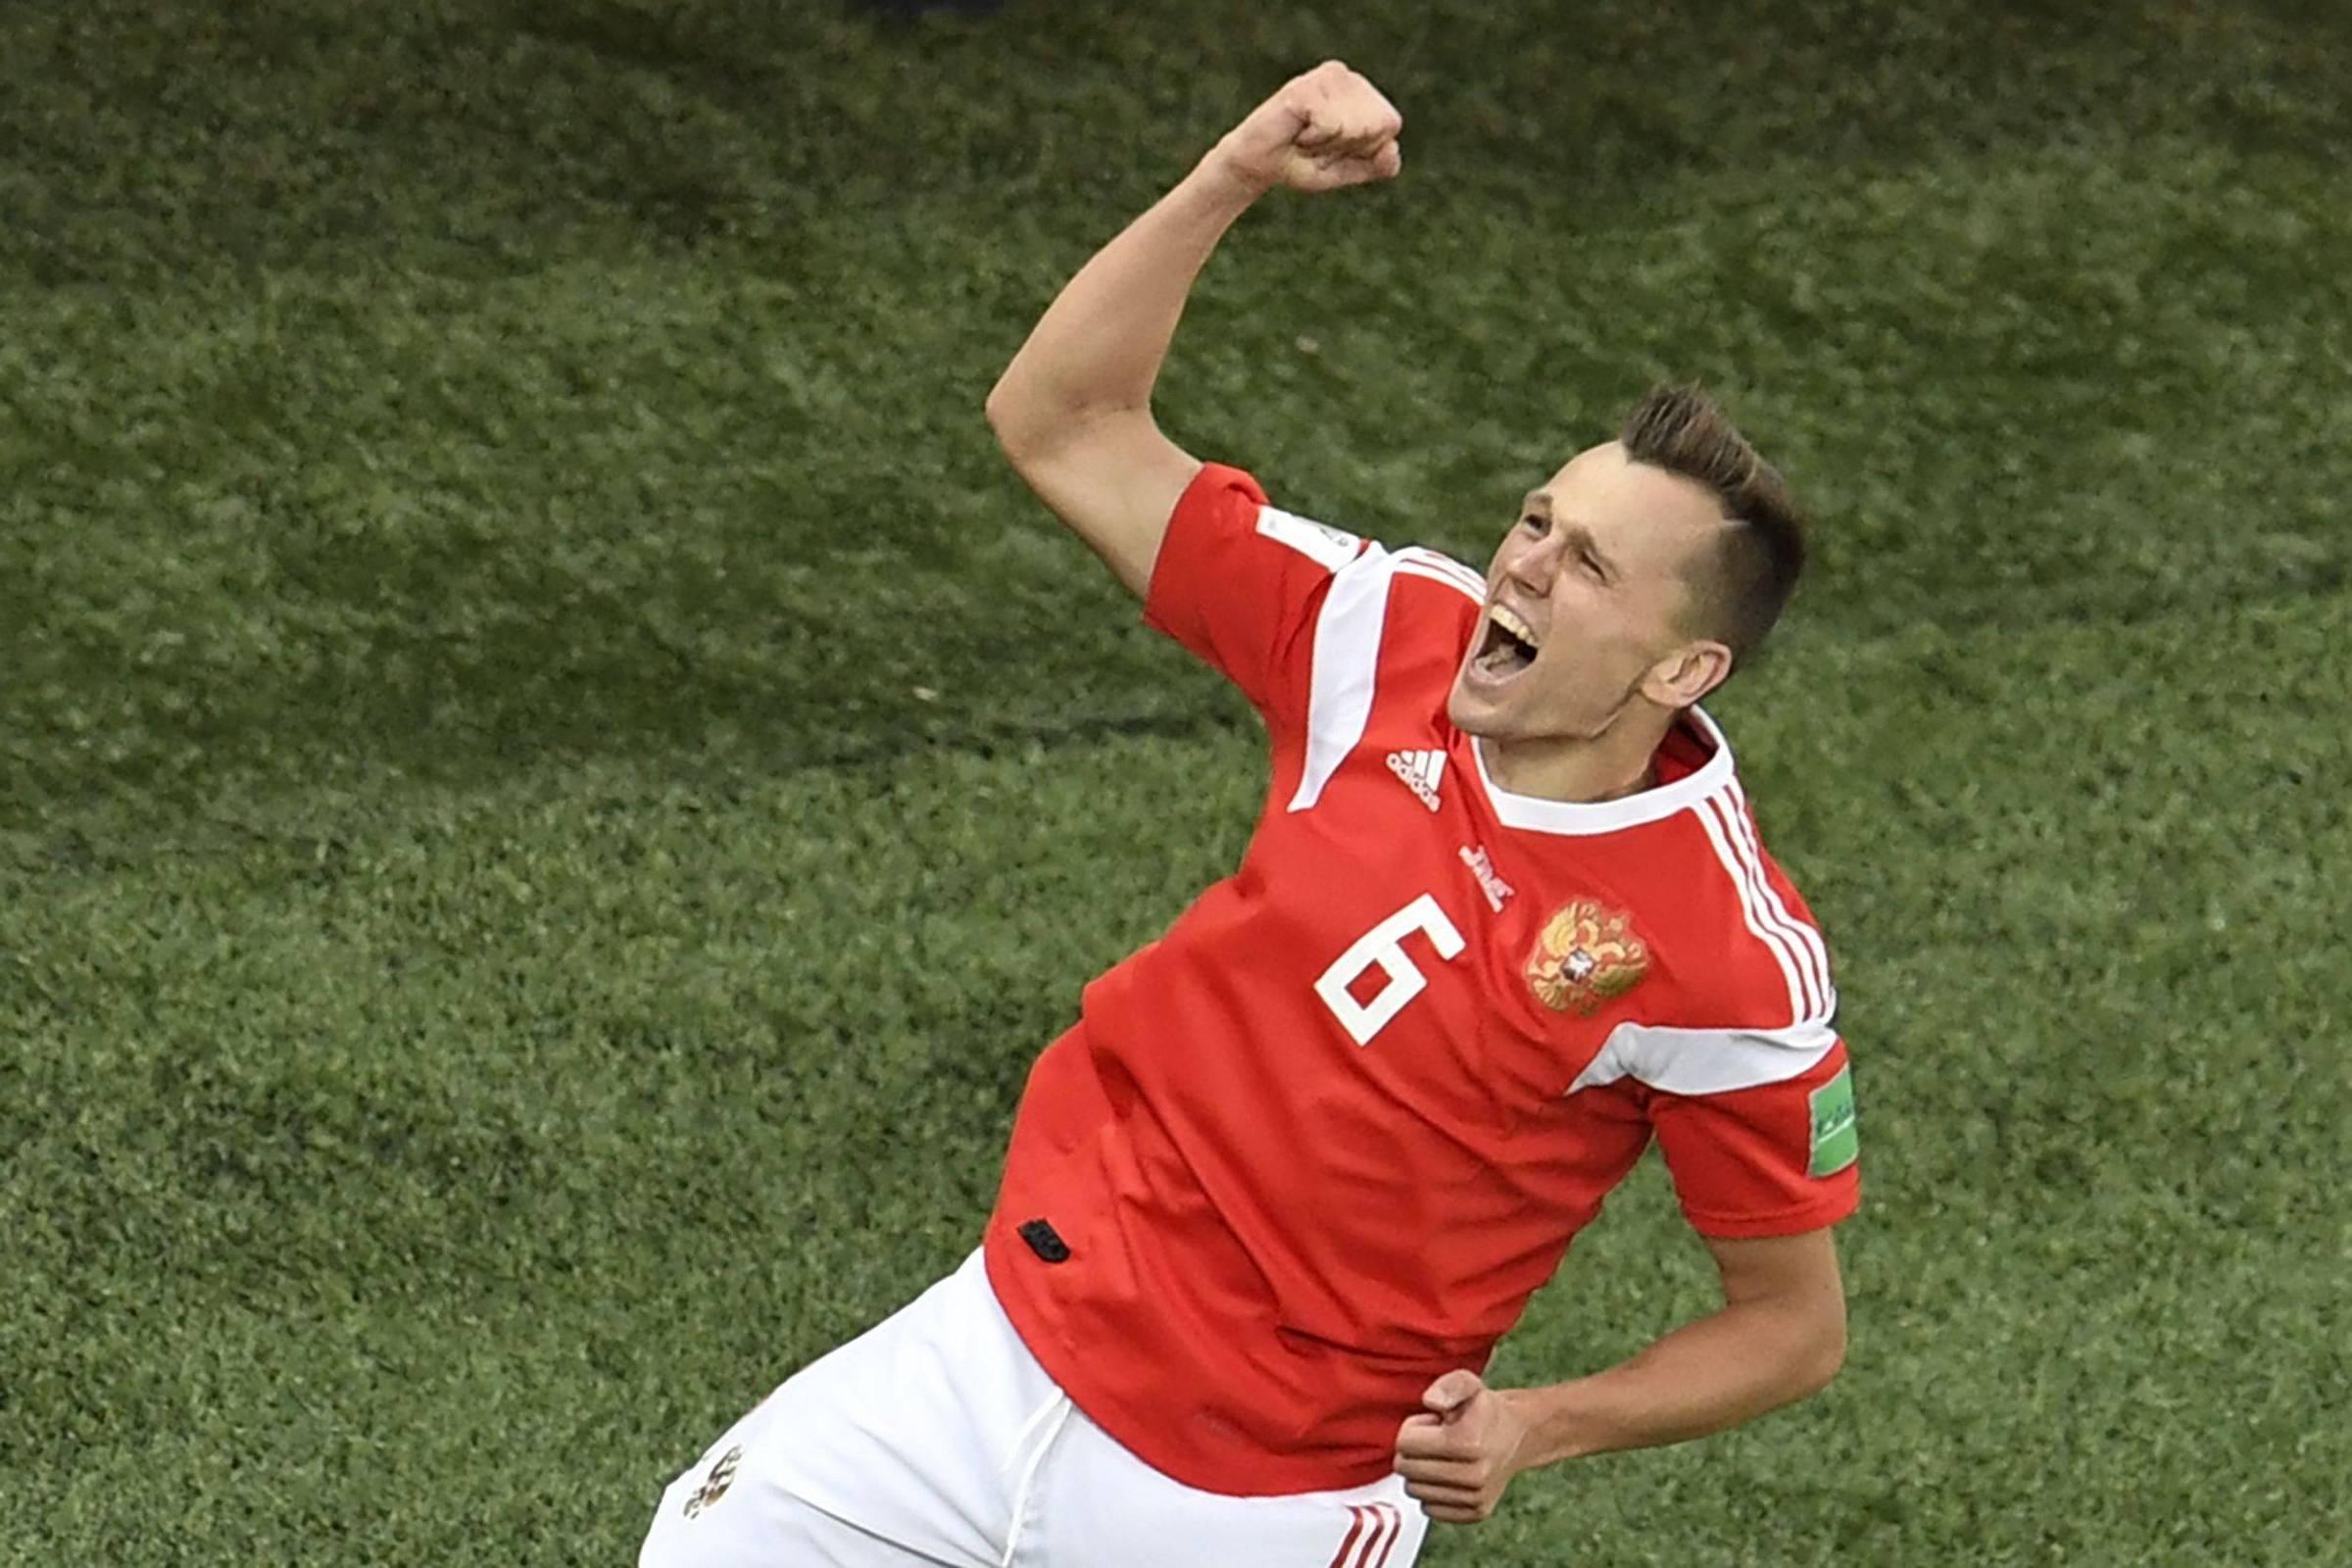 Rússia empolga e vibra com estrela de atacante formado na Espanha -  19 06 2018 - Esporte - Folha 4ada7e6a8ec52